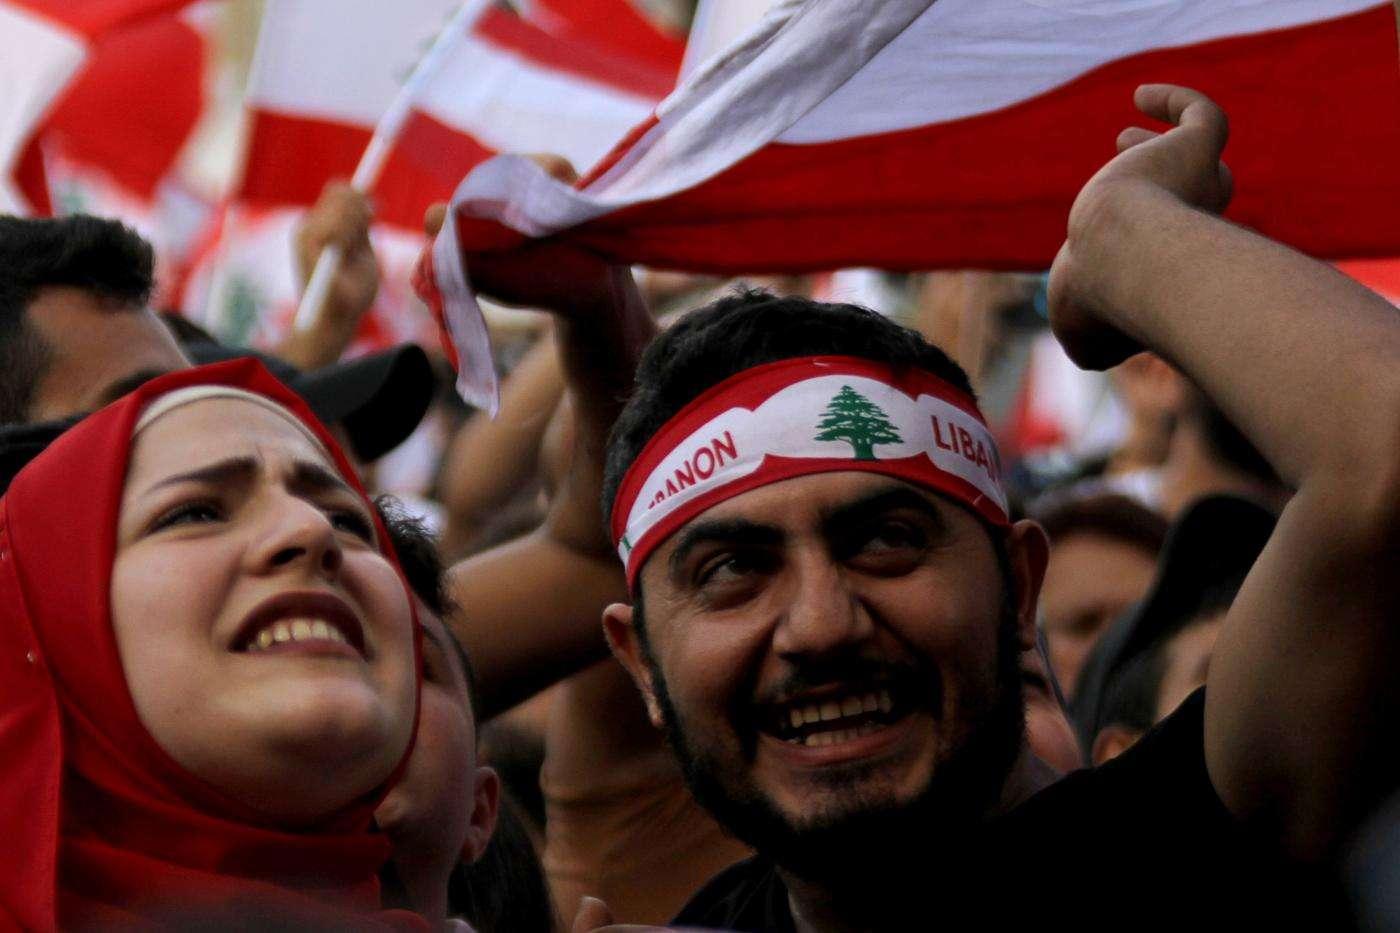 पश्चिम के 'व्यक्तिवाद' में जकड़ा मध्य-पूर्व क्या अपने सामाजिक ढाँचे को बचा पायेगा?